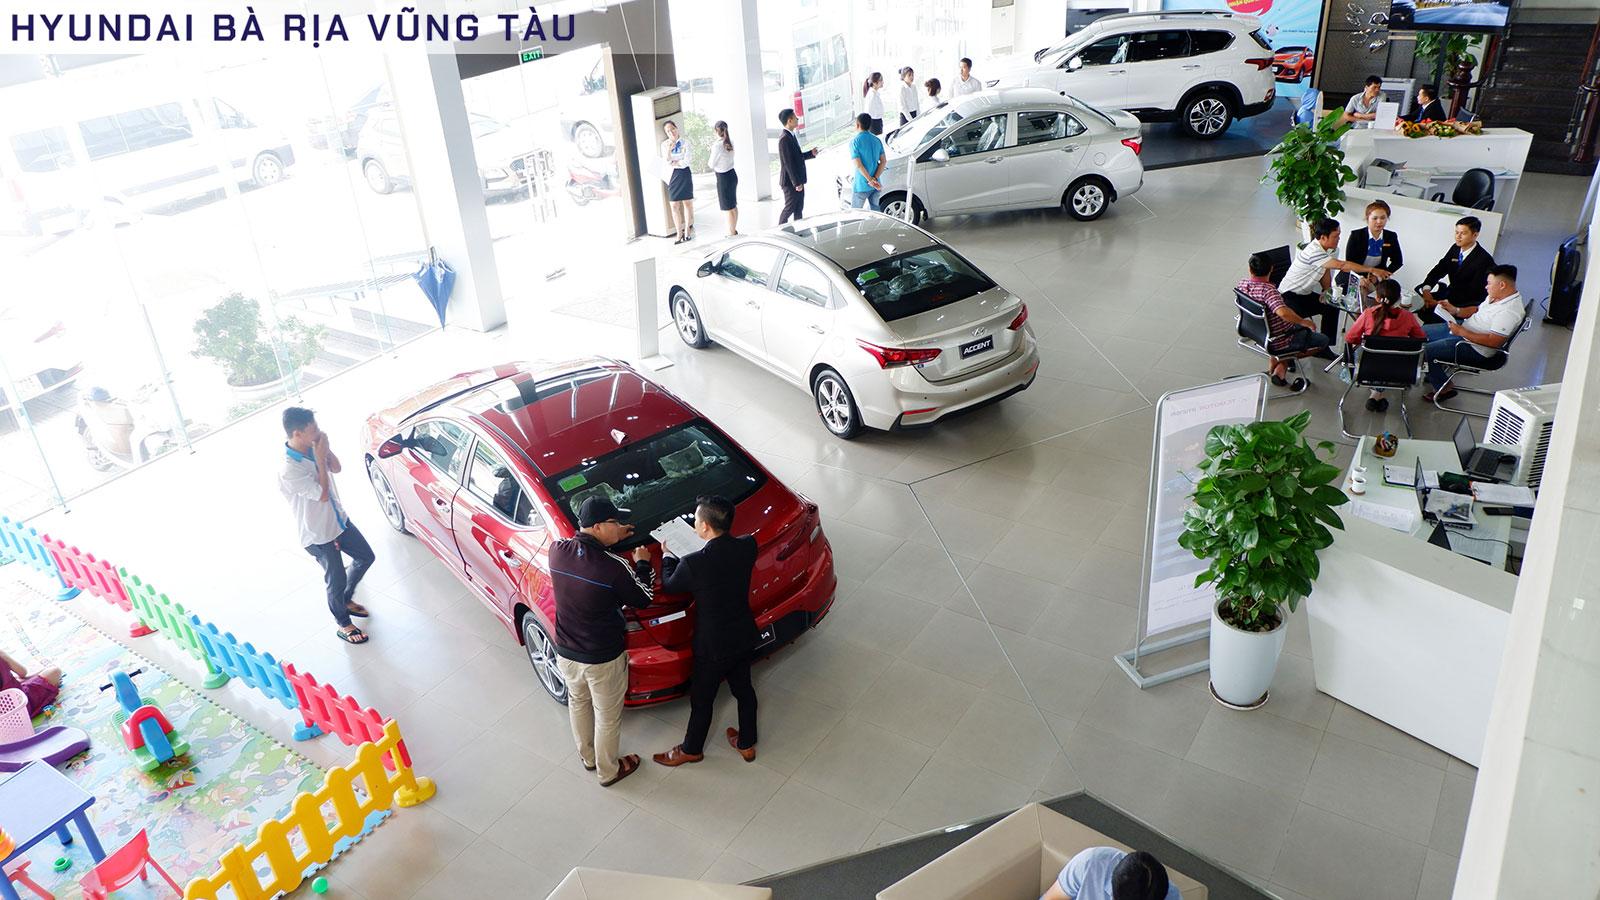 Đại Lý Hyundai Bà Rịa Vũng Tàu